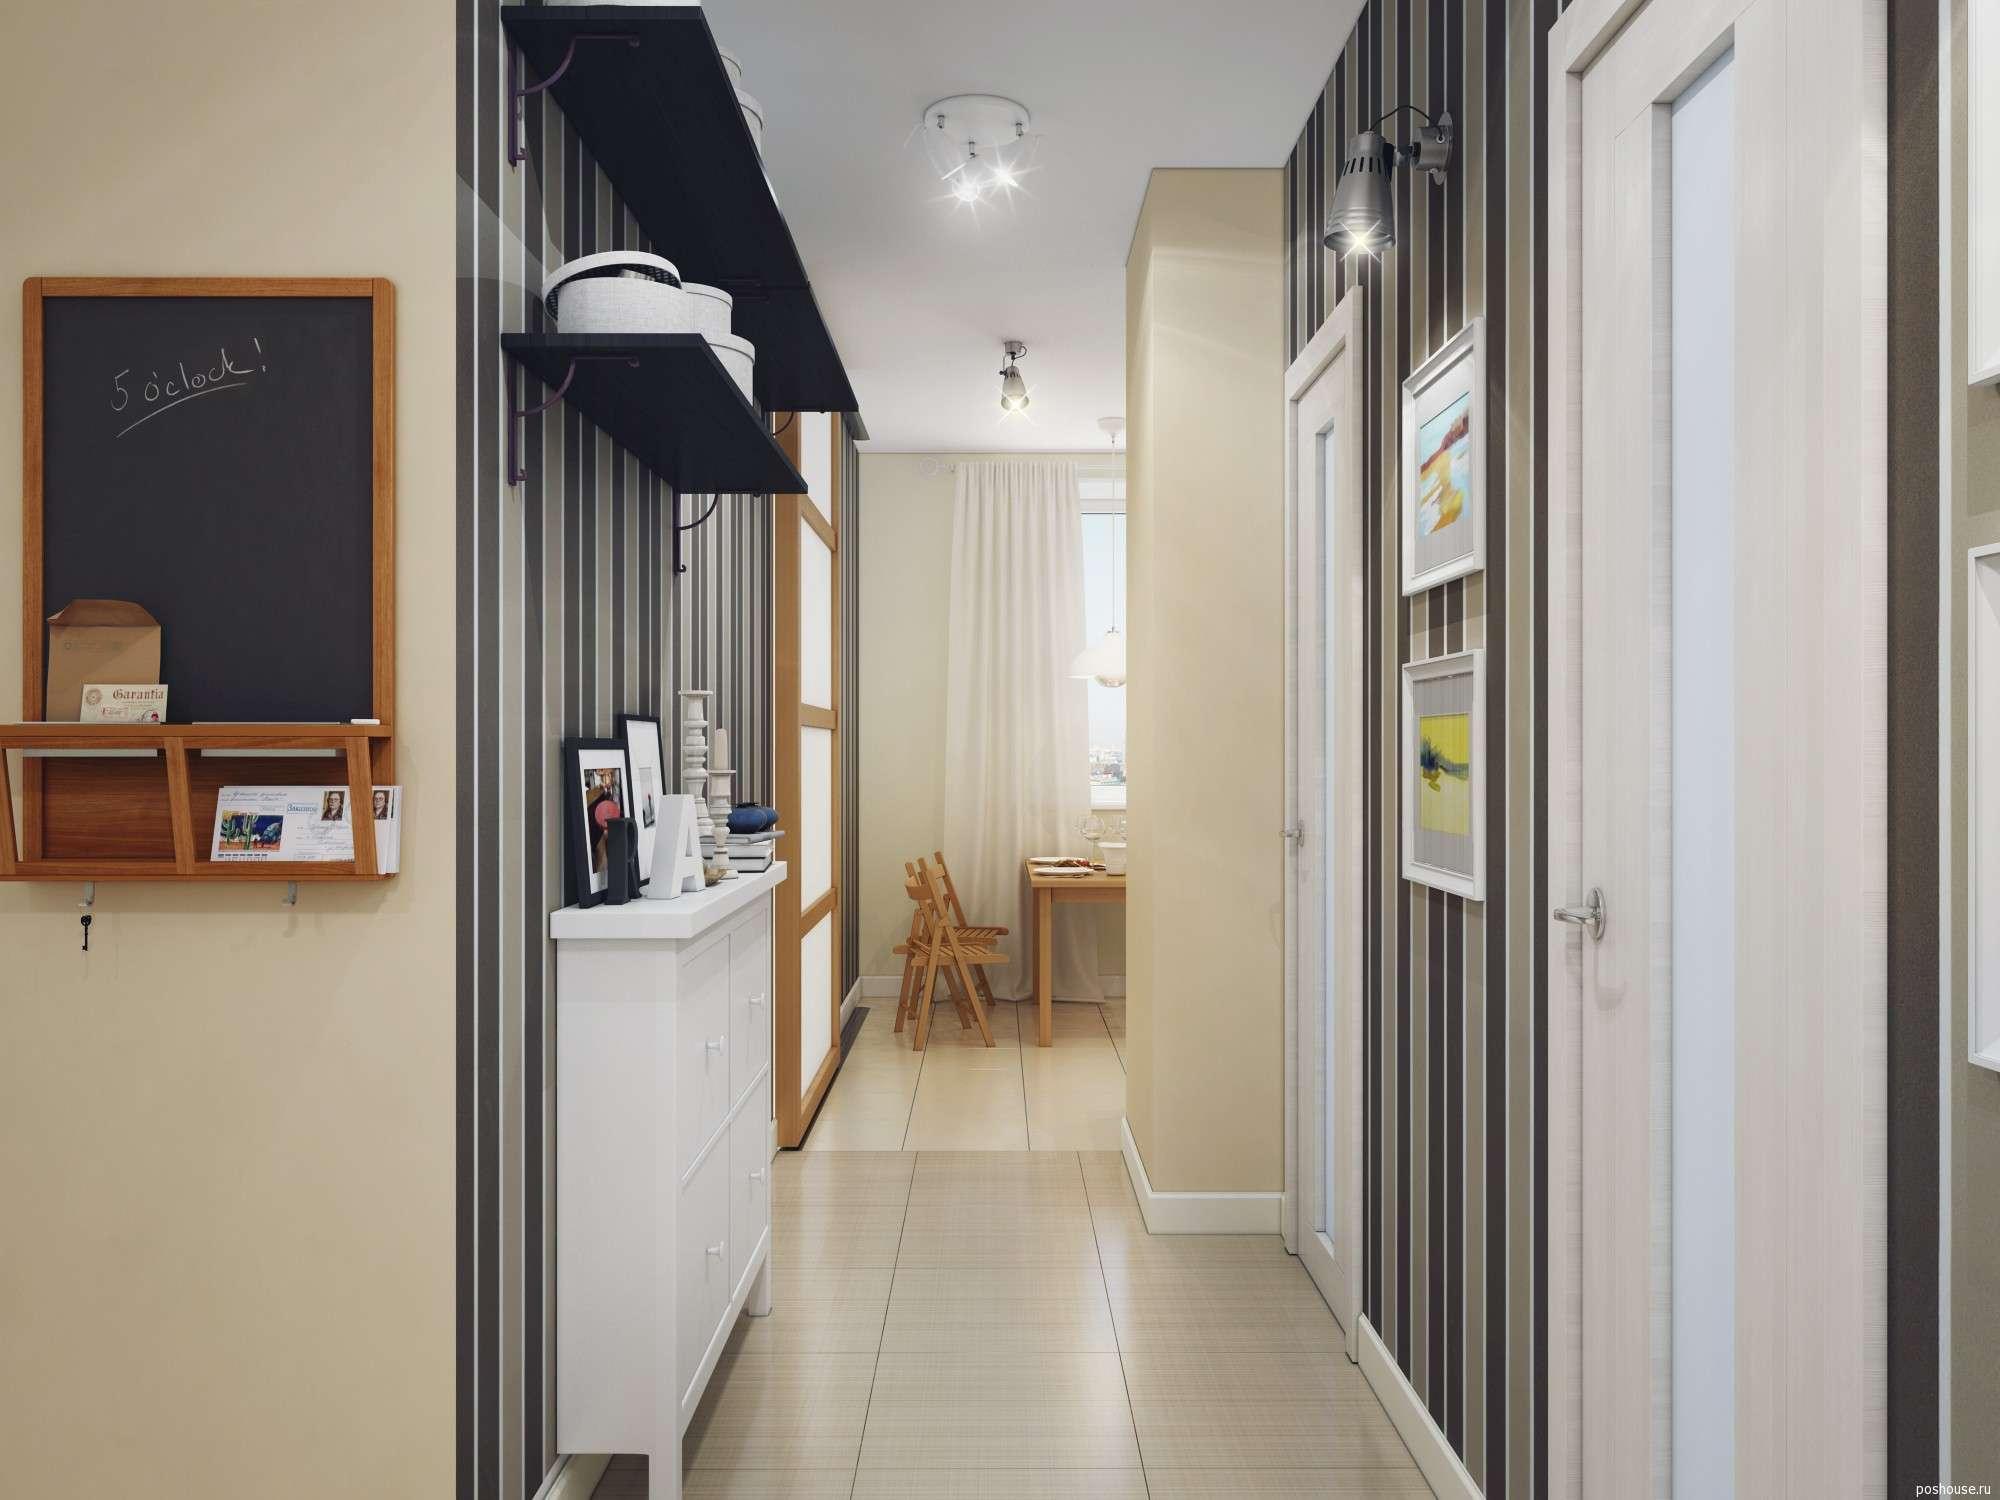 Прихожие для узких коридоров, приемы и хитрости - фото примеров